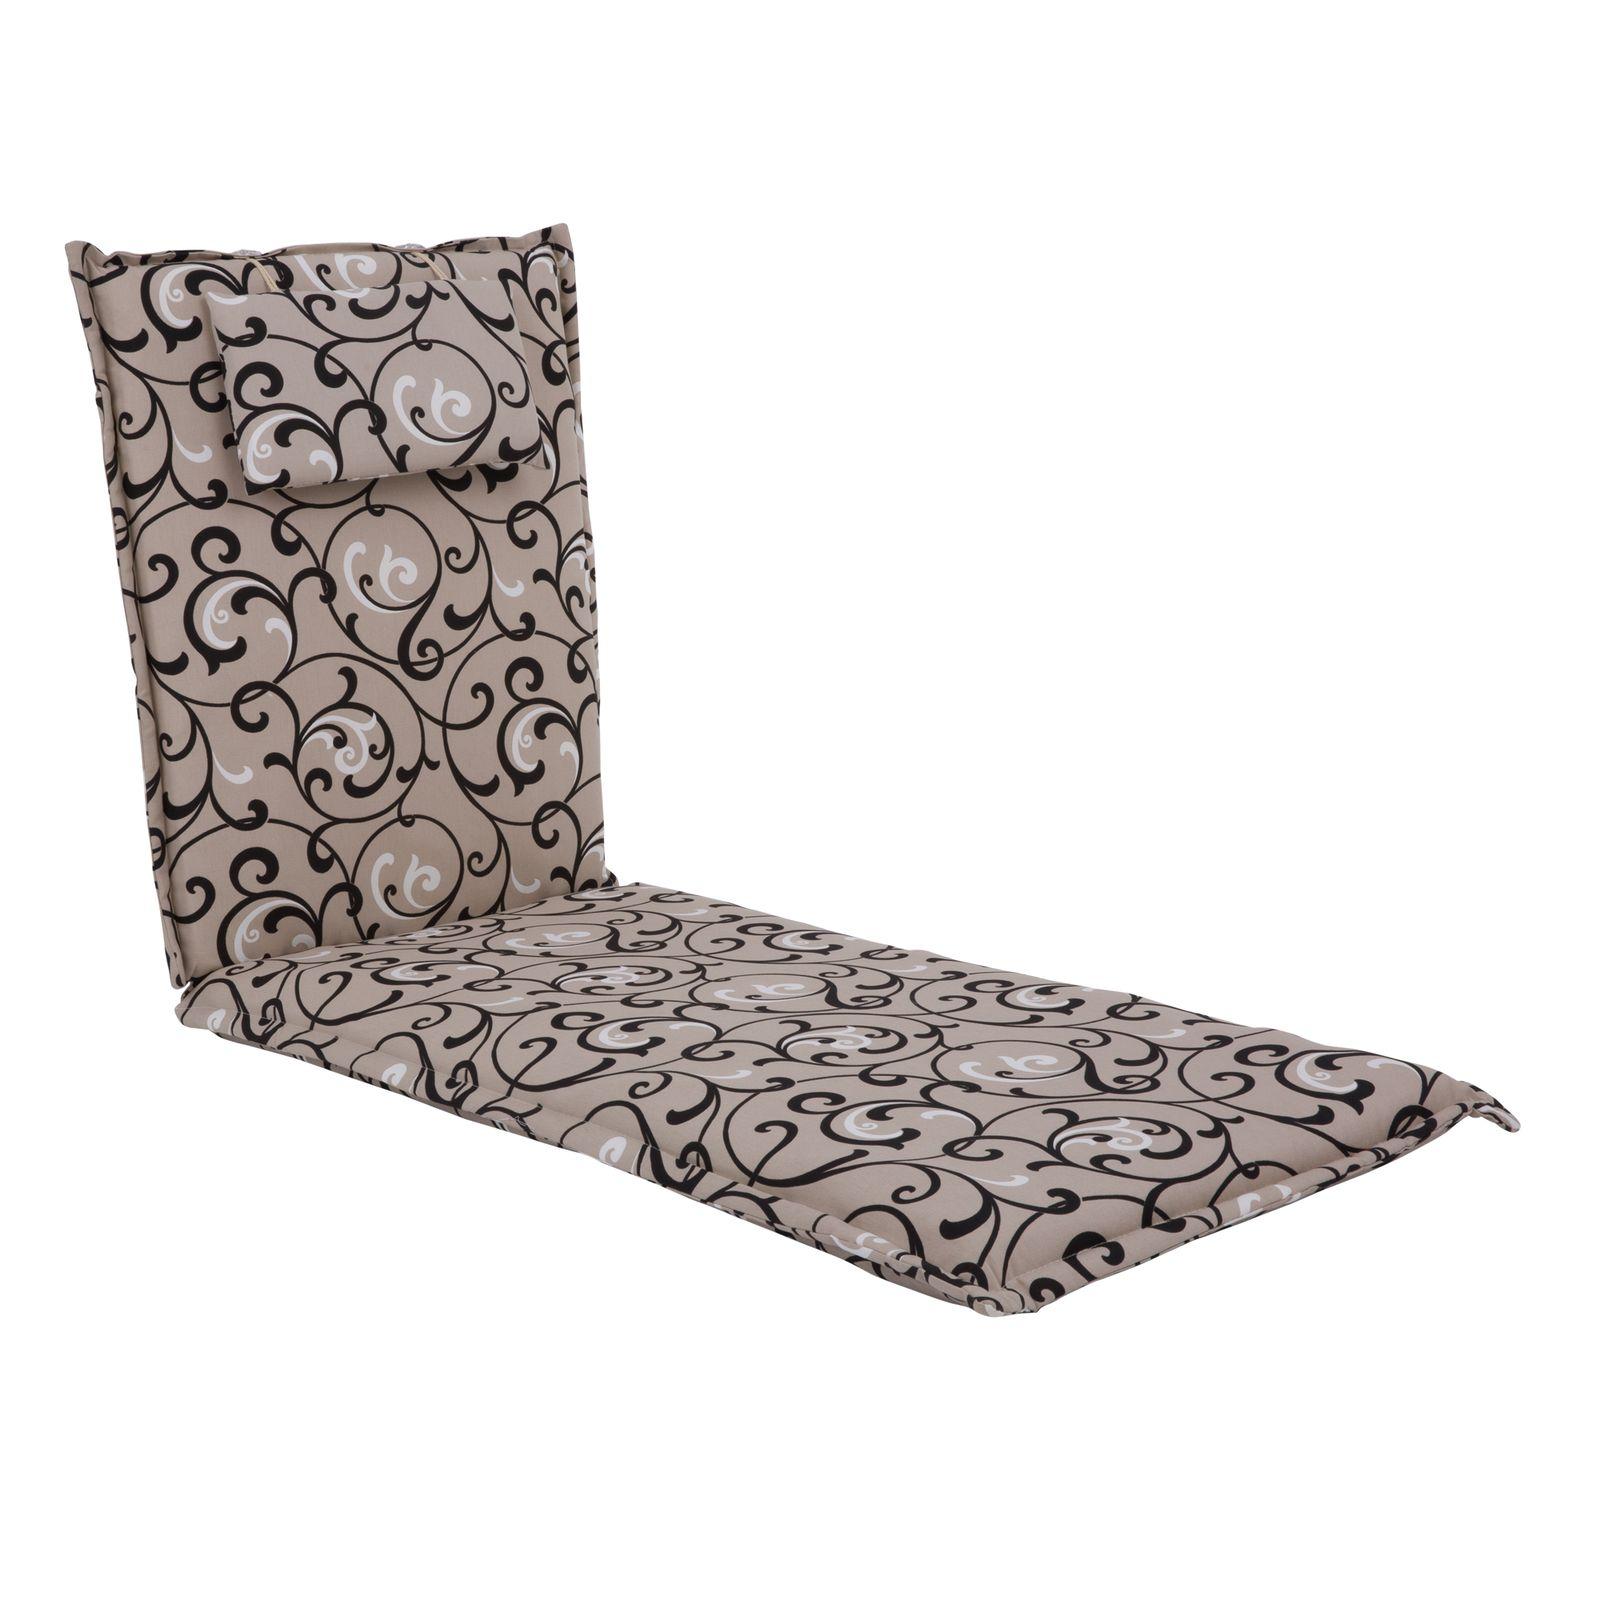 Poduszka na leżak / łóżko Premium Liege 3033BB PATIO